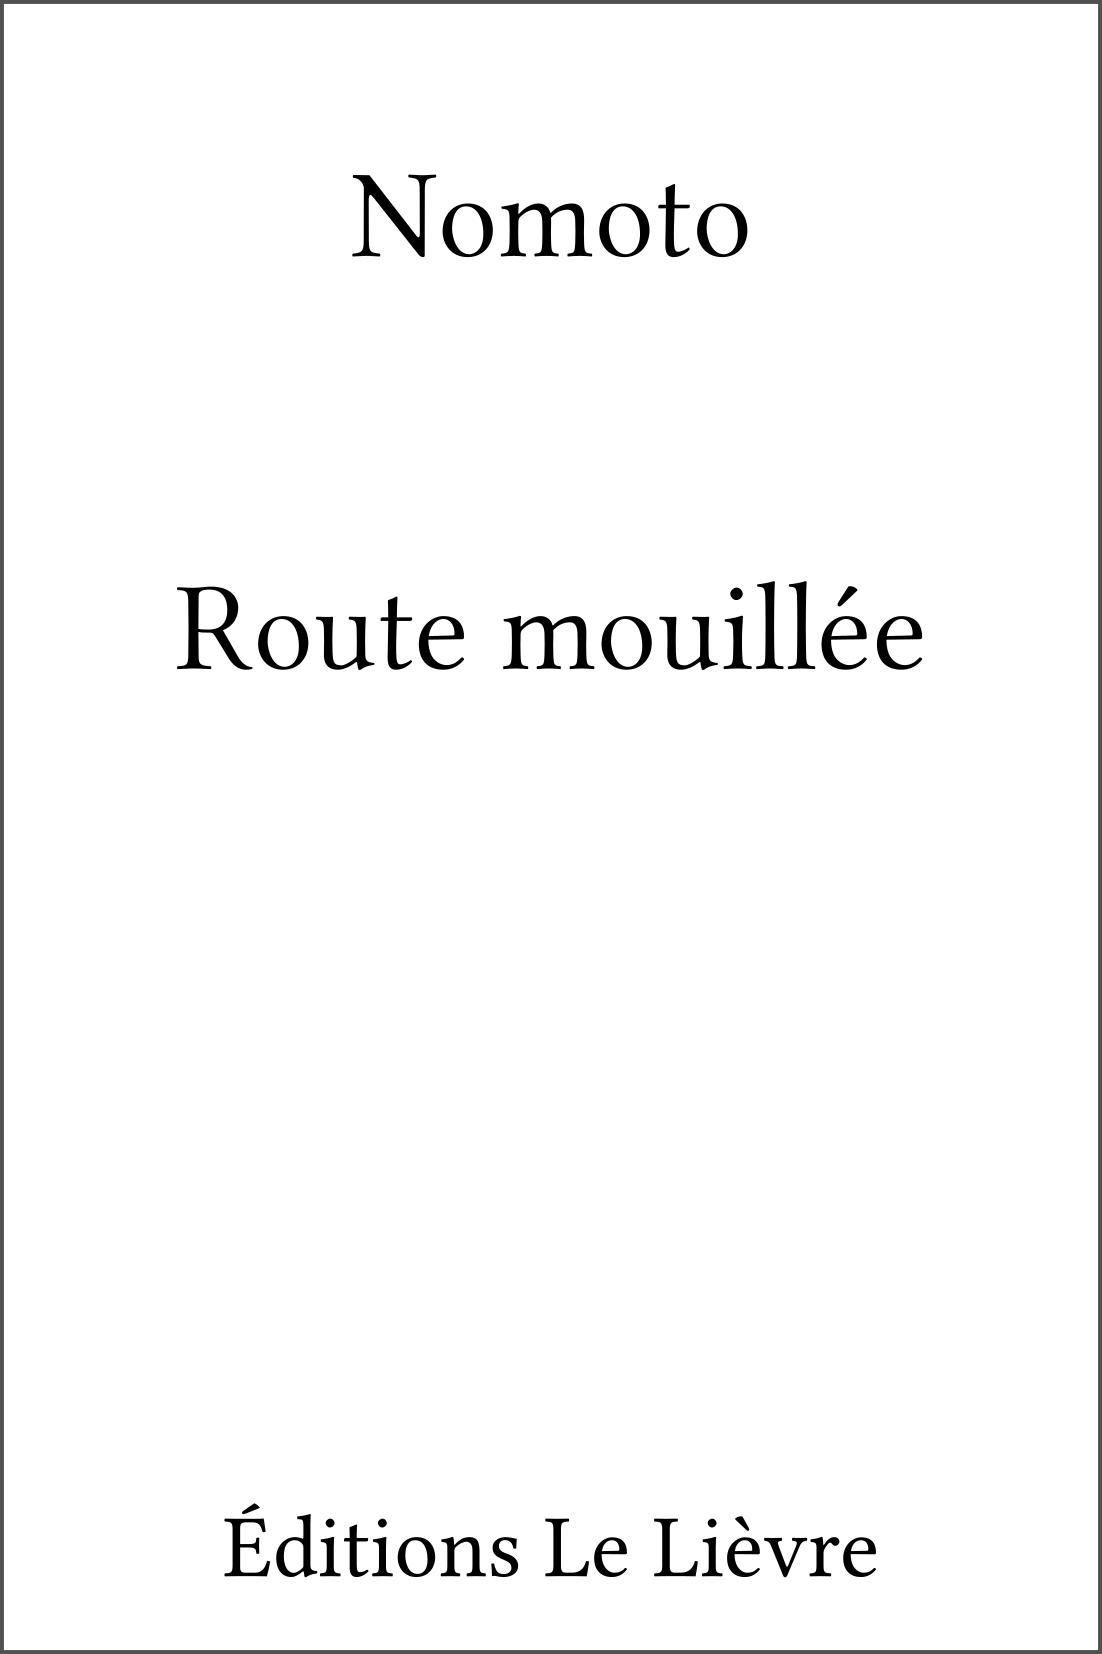 Couverture de Route mouillée par Nomoto